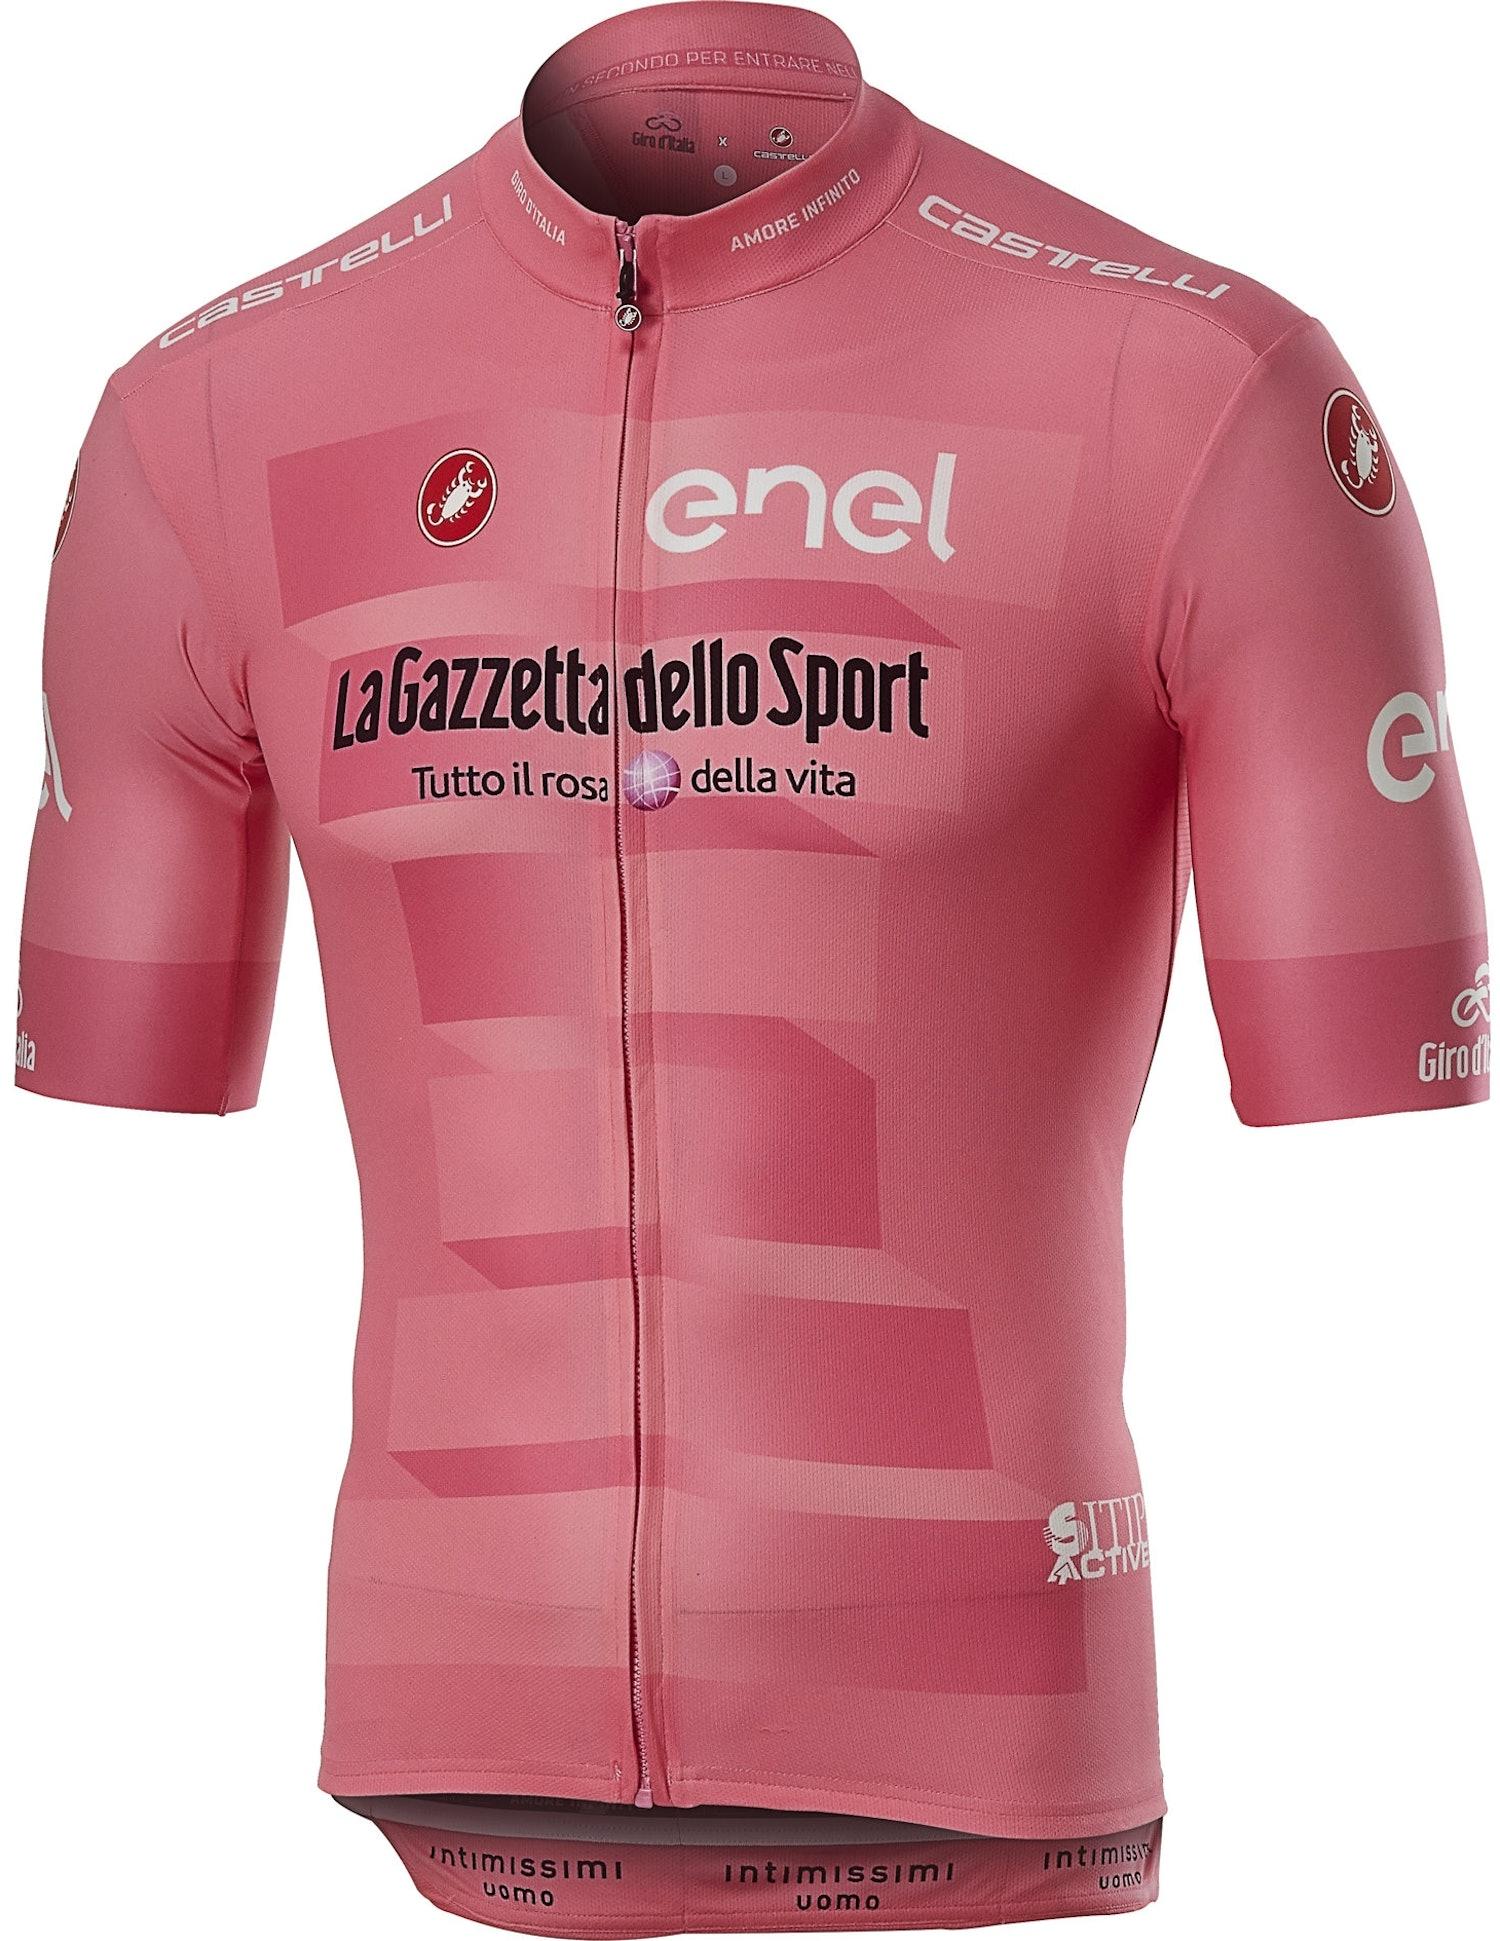 Castelli #Giro102 Squadra - Maglia Rosa del Giro d'Italia 2019